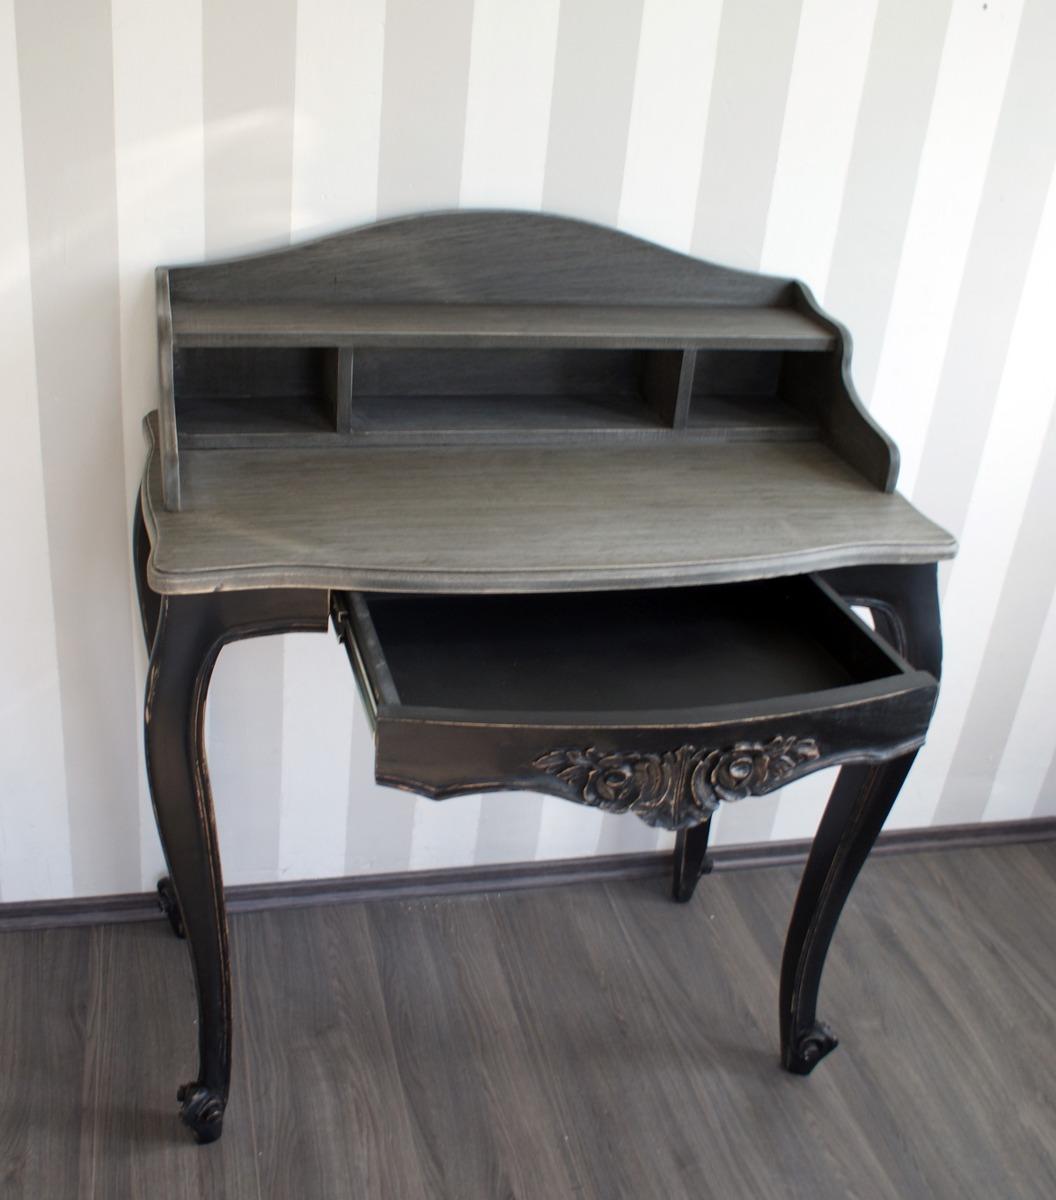 Secreter Escritorio Mueble Vintage Madera Cedro Fotos Reales  # Muebles Secreter